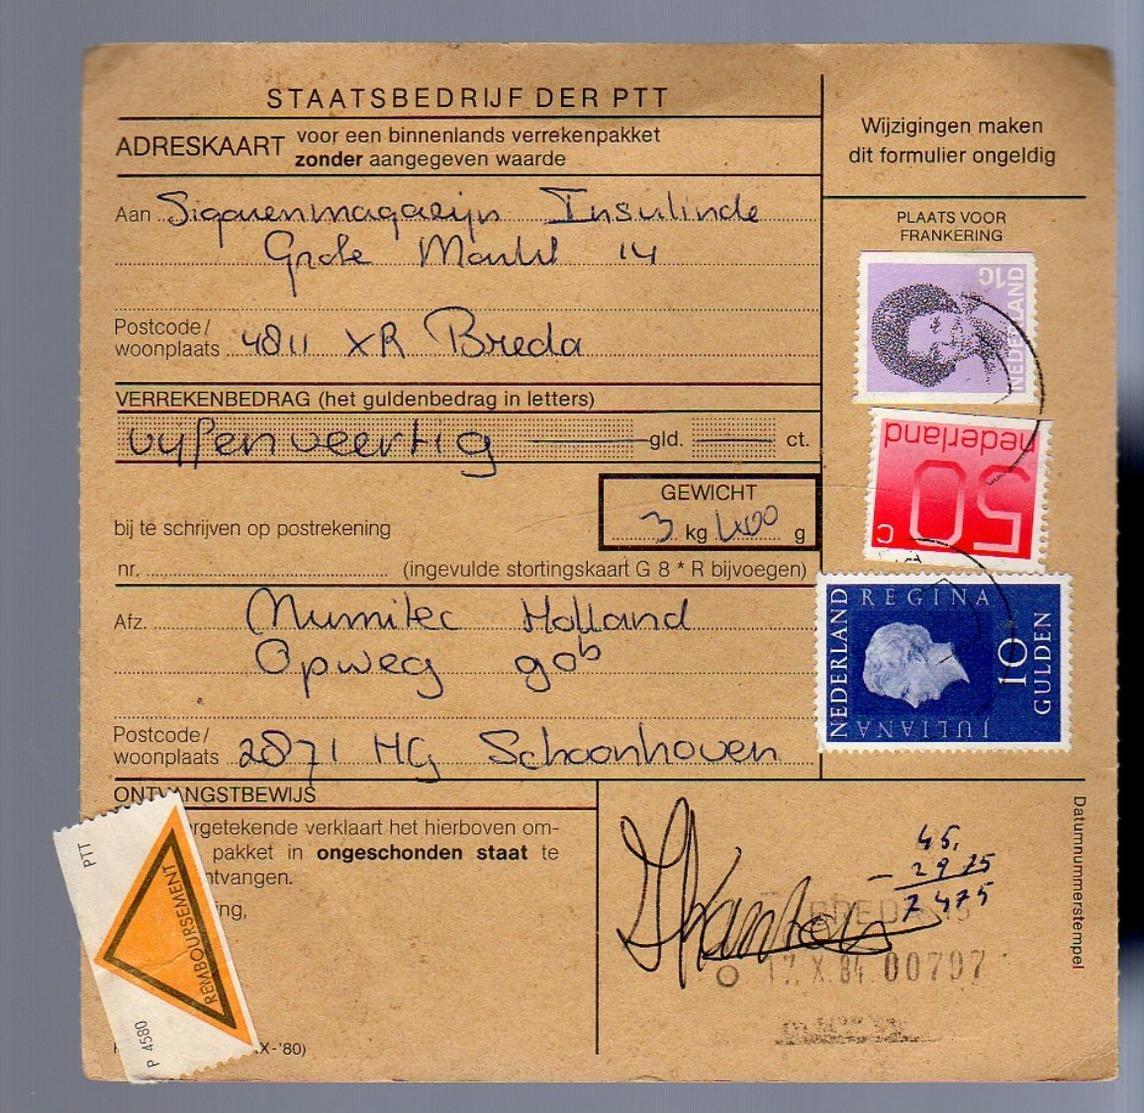 Adreskaart REBOURS Sigarenmagazijn (Cigars) Breda (BJ10) - Period 1980-... (Beatrix)